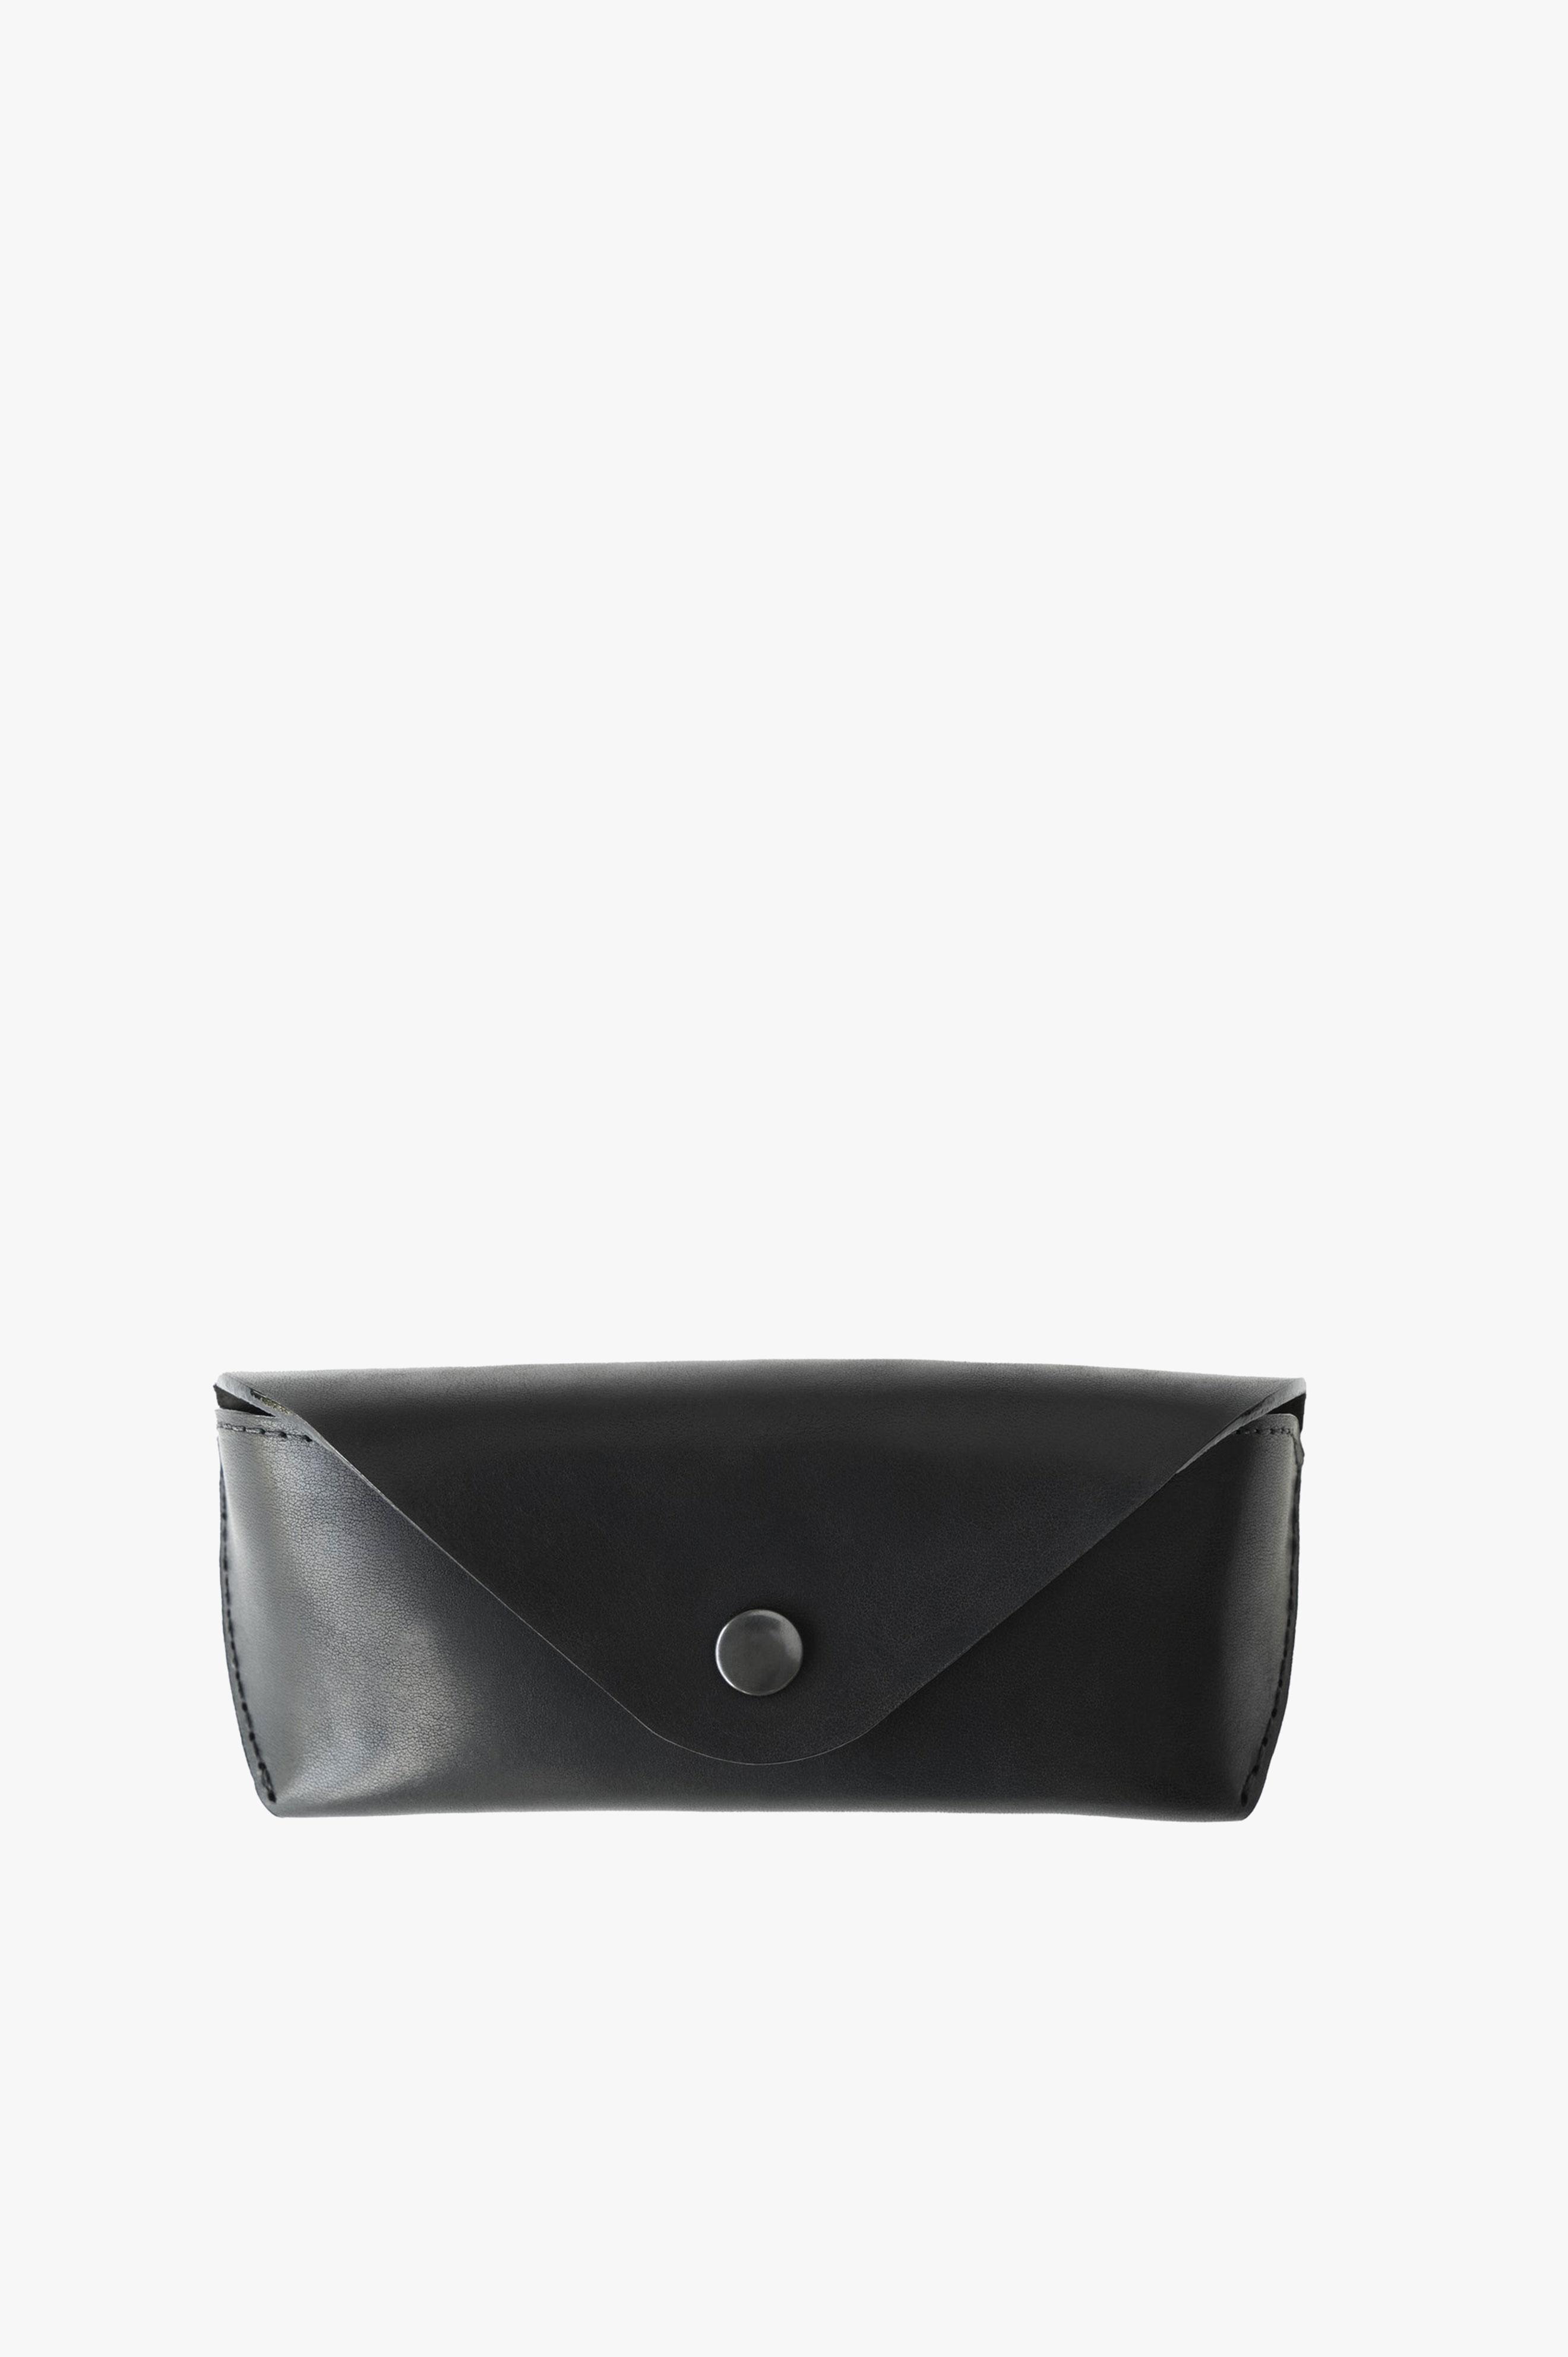 Eyewear Case Black Horween® Essex® Leather